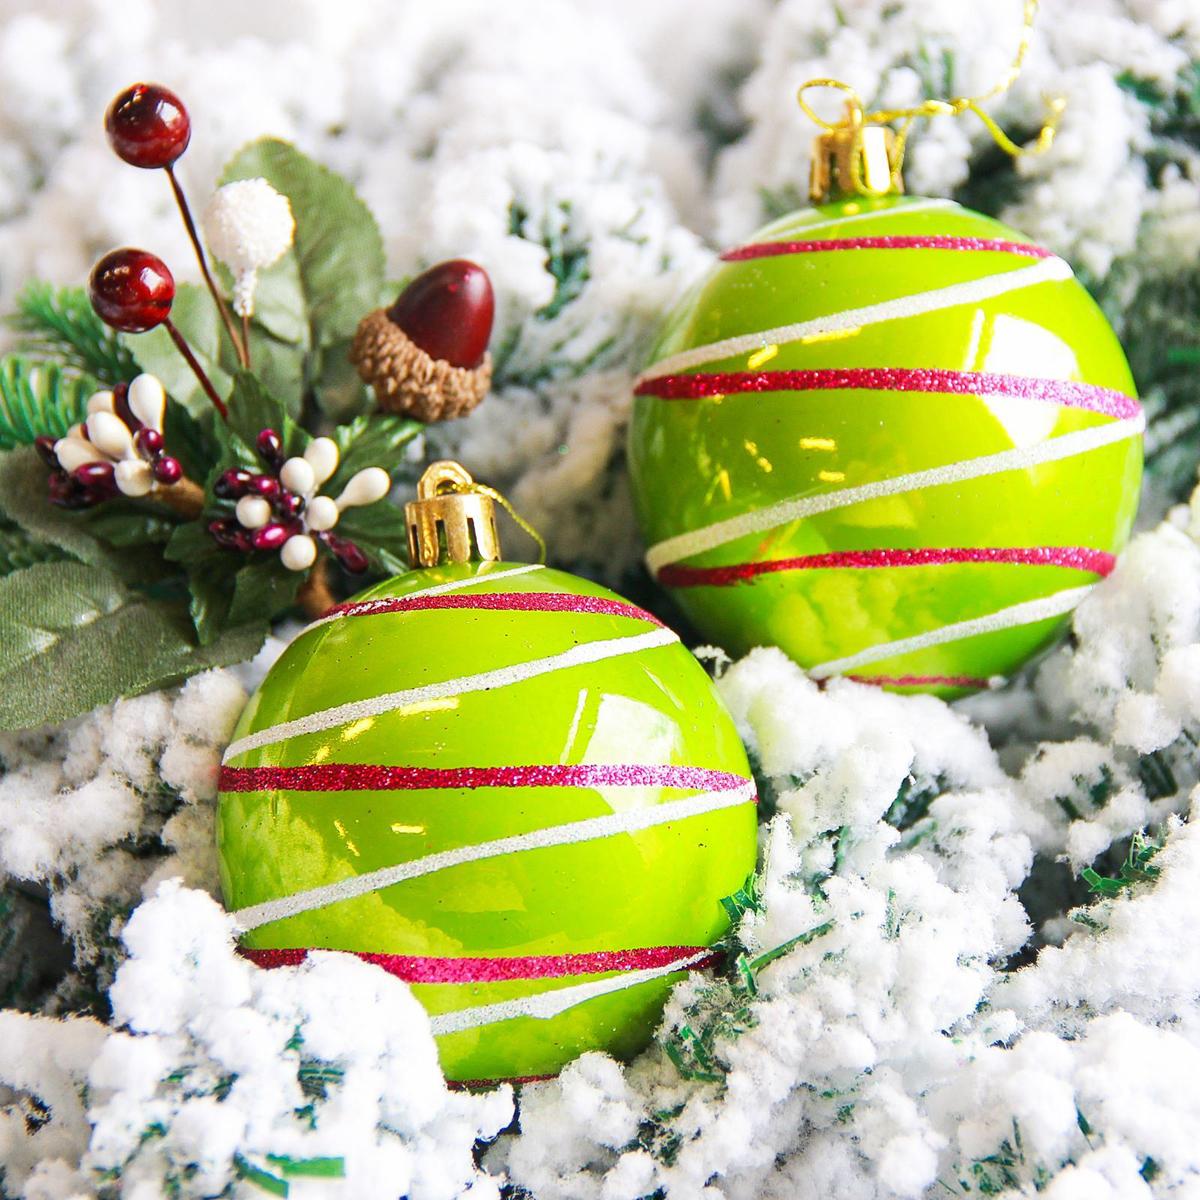 Набор новогодних подвесных украшений Sima-land Орион, цвет: зеленый, диаметр 7 см, 6 шт2178212Набор новогодних подвесных украшений Sima-land отлично подойдет для декорации вашего дома и новогодней ели. С помощью специальной петельки украшение можно повесить в любом понравившемся вам месте. Но, конечно, удачнее всего оно будет смотреться на праздничной елке. Елочная игрушка - символ Нового года. Она несет в себе волшебство и красоту праздника. Создайте в своем доме атмосферу веселья и радости, украшая новогоднюю елку нарядными игрушками, которые будут из года в год накапливать теплоту воспоминаний.